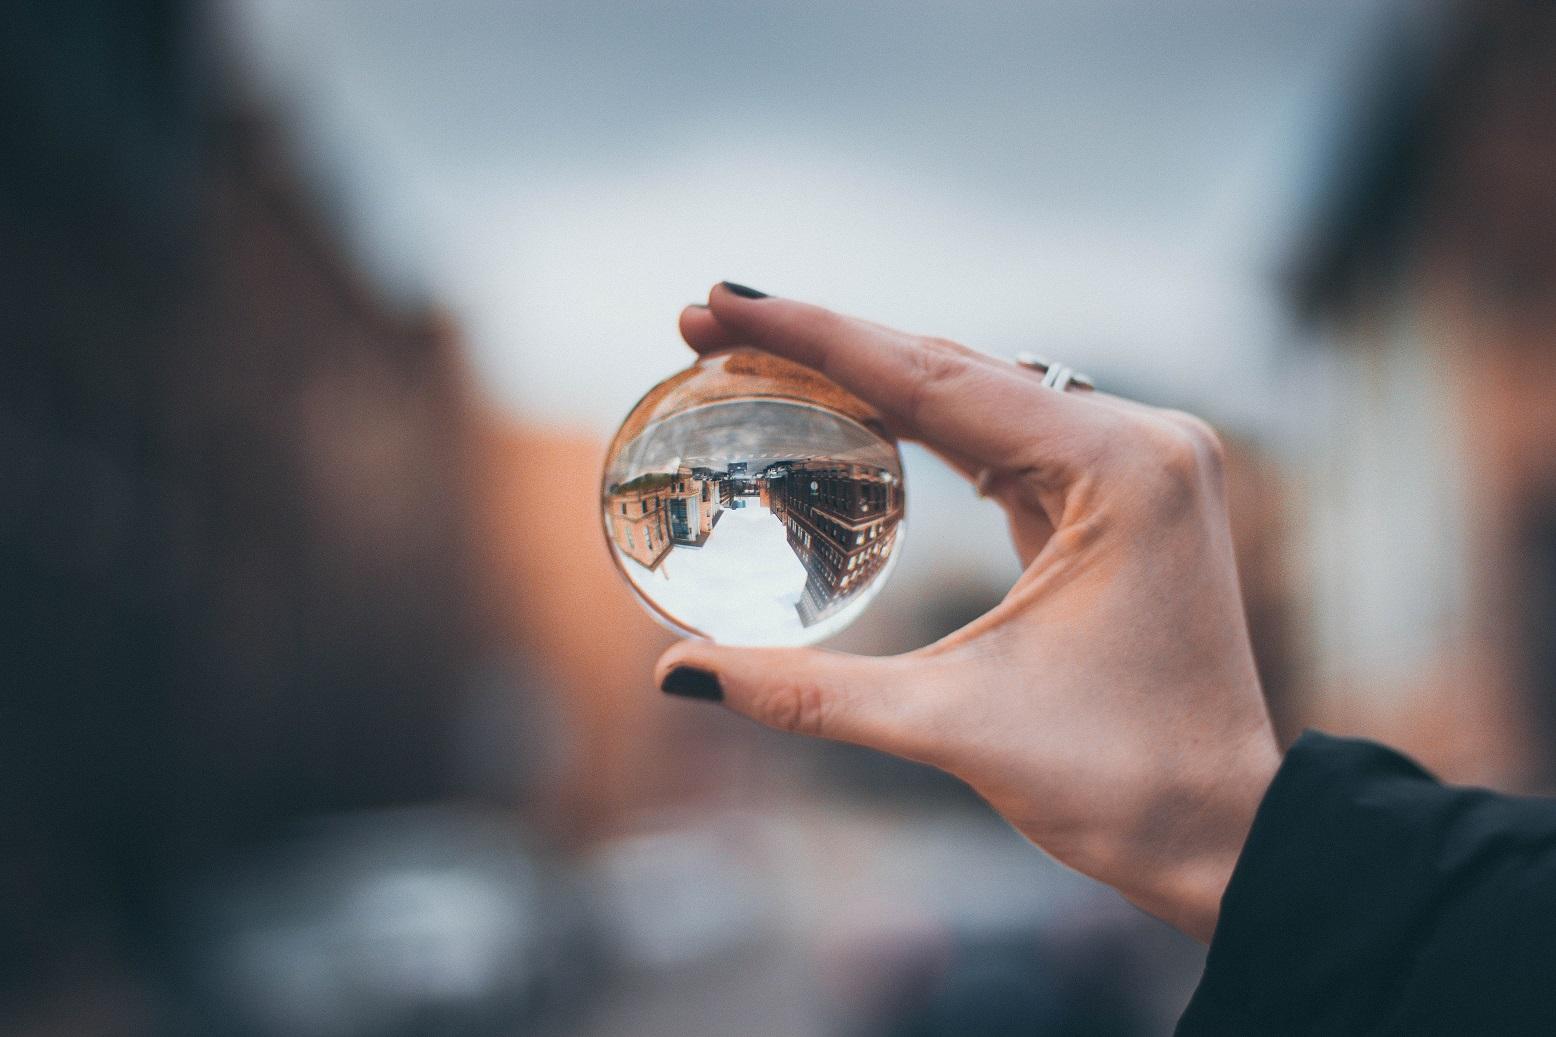 Seminar – Reframing ADHD: Discovering New Perspectives